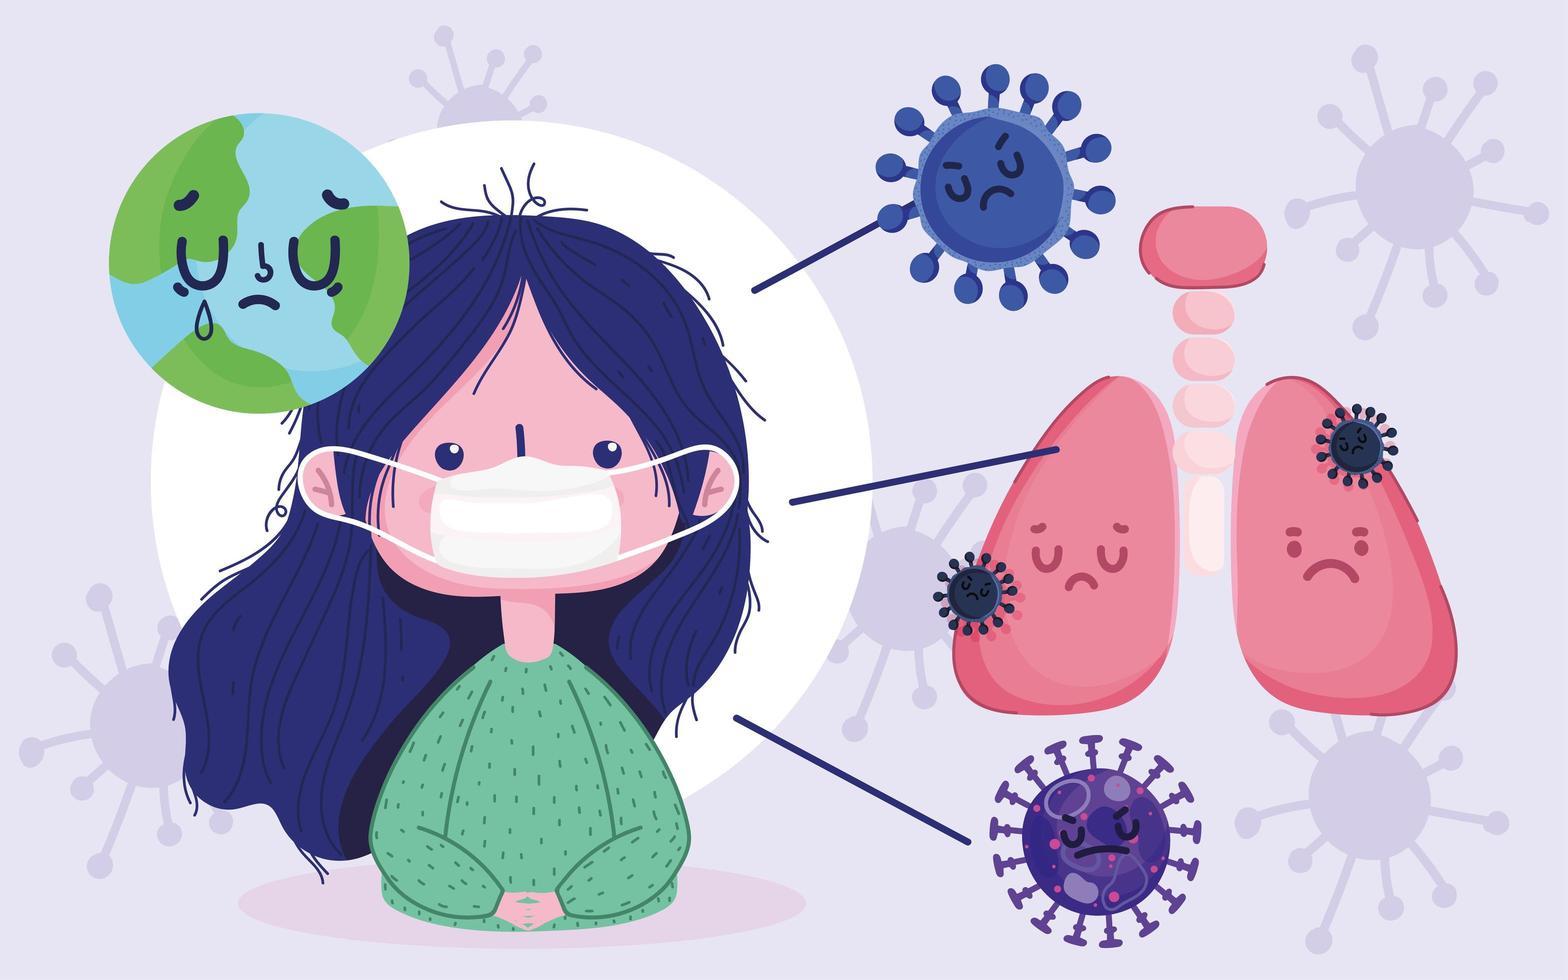 conception pandémique covid 19 avec fille avec masque de protection vecteur